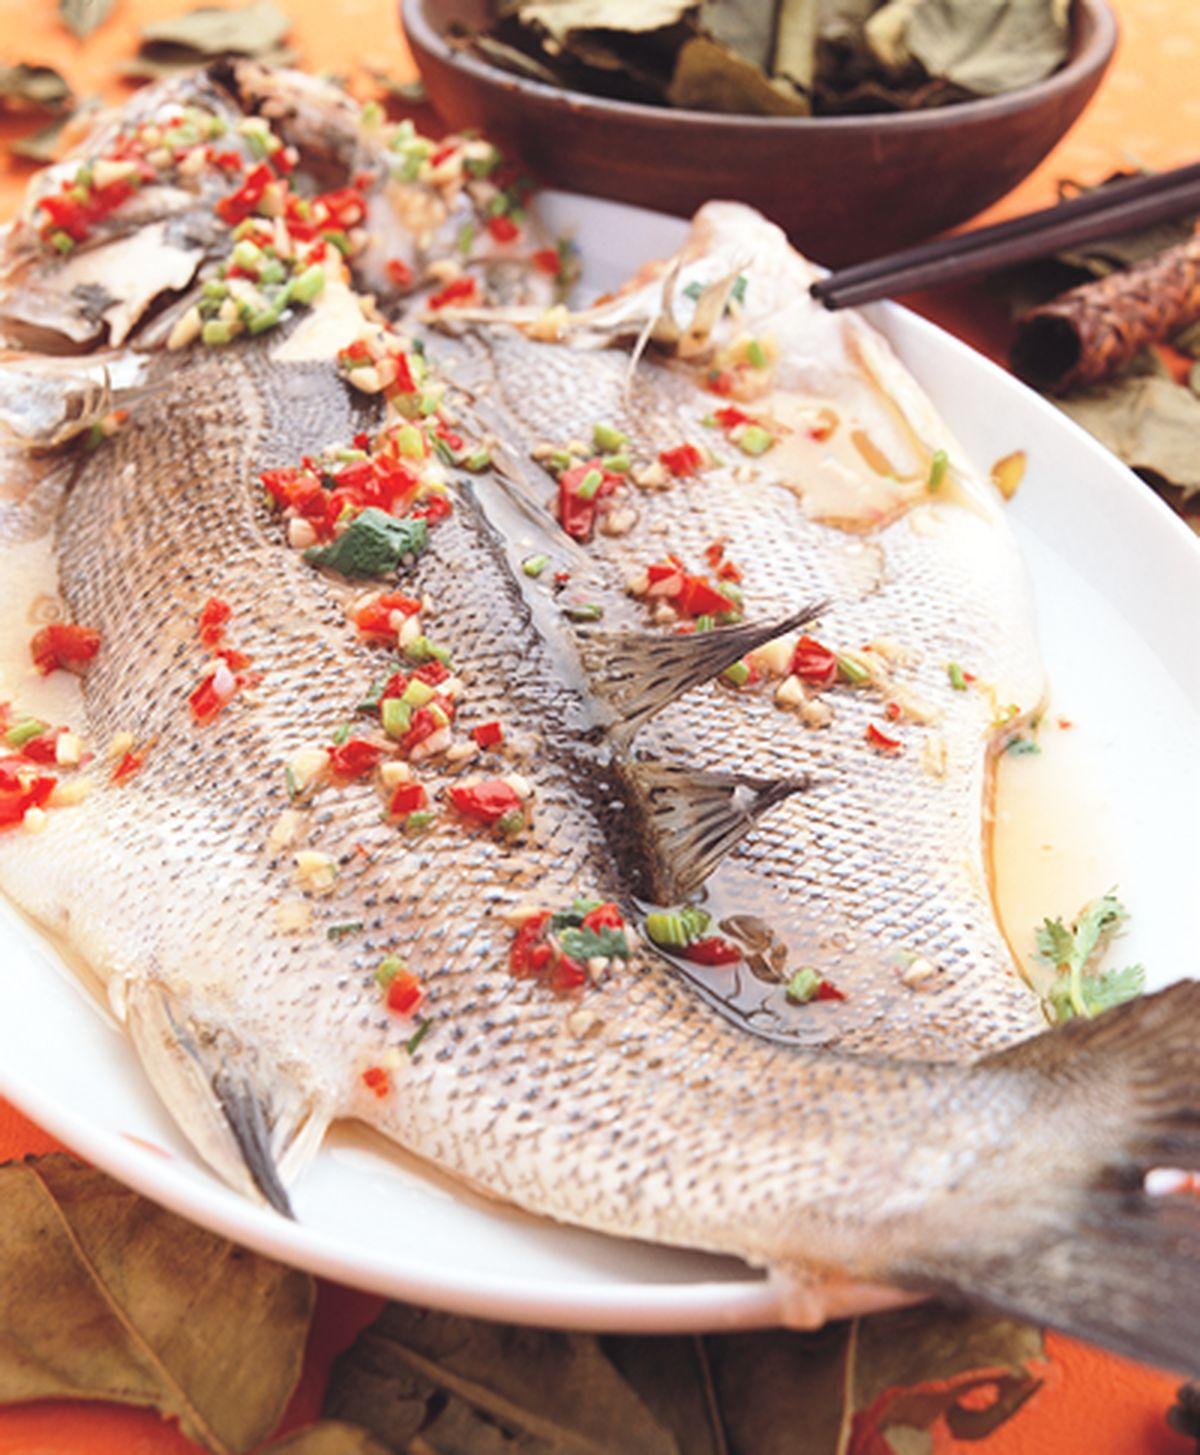 食譜:清蒸檸檬鱸魚